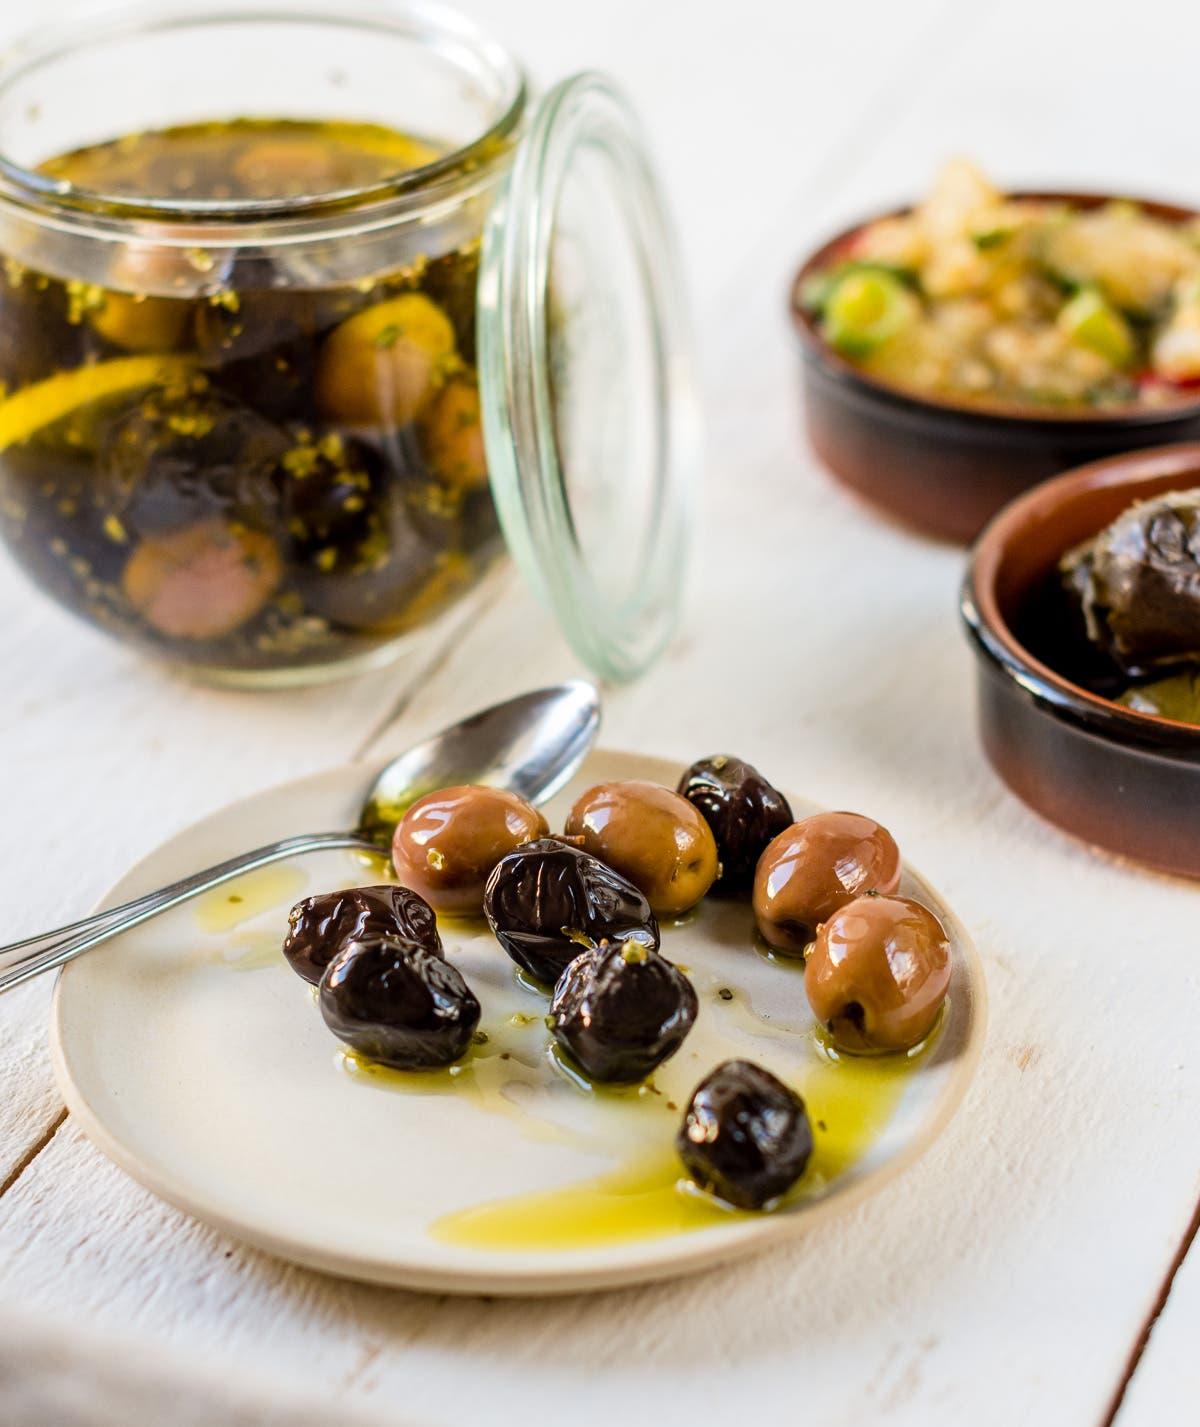 Glas und kleiner Teller mit eingelegten schwarzen und hellen Oliven auf weißem Untergrund.